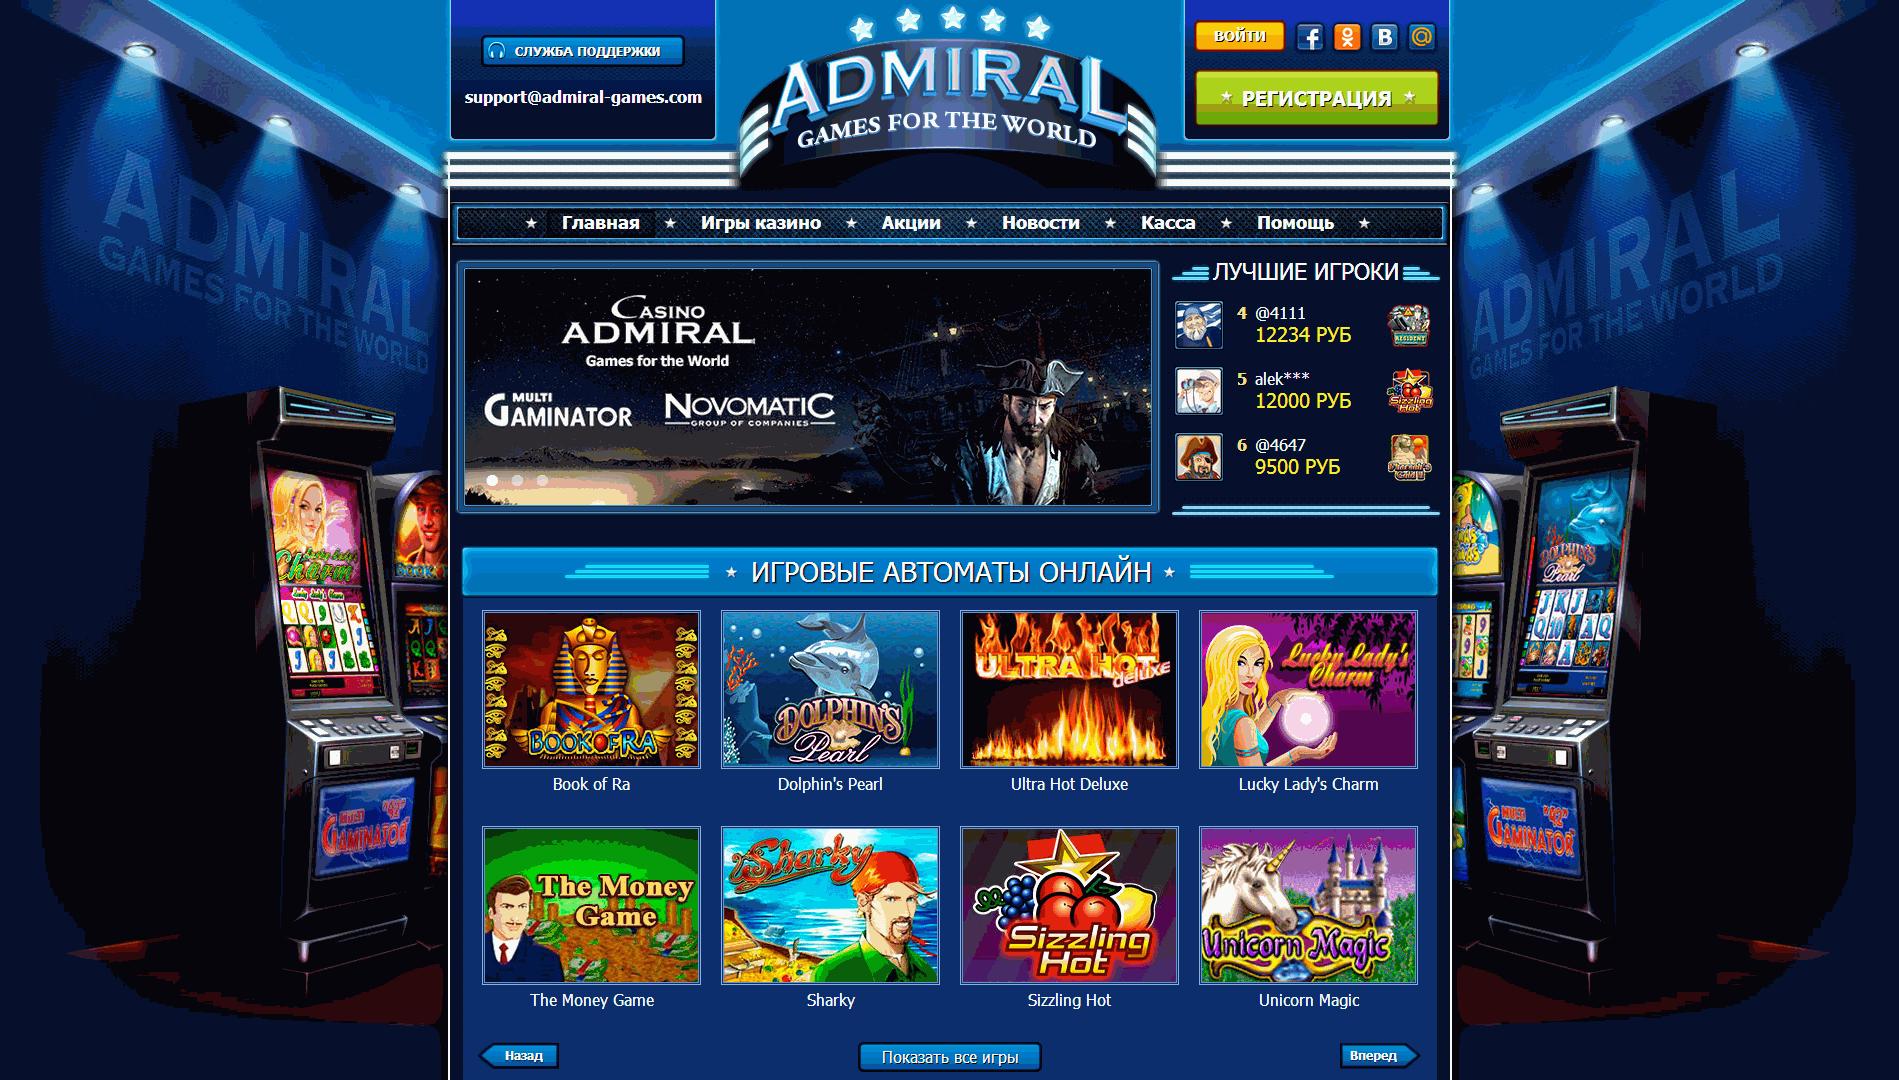 Играть в игровые автоматы и рулетку бесплатно и без регистрации онлайн игровые автоматы скачать бесплатно без р